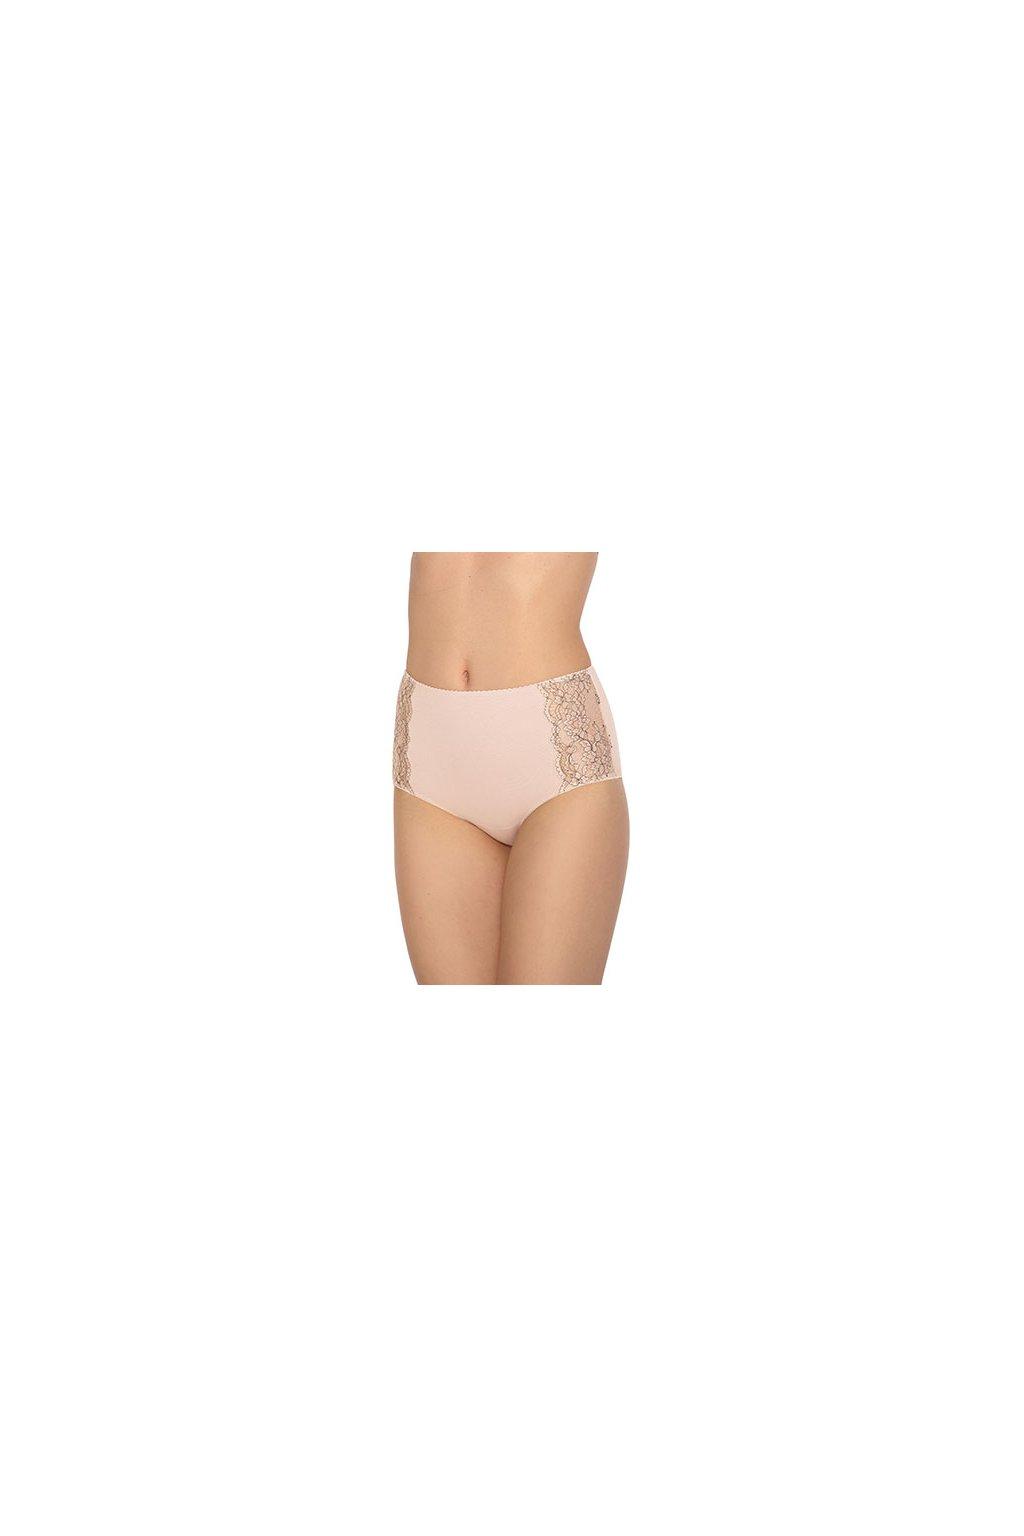 Dámské kalhotky, 100168 446, fialová